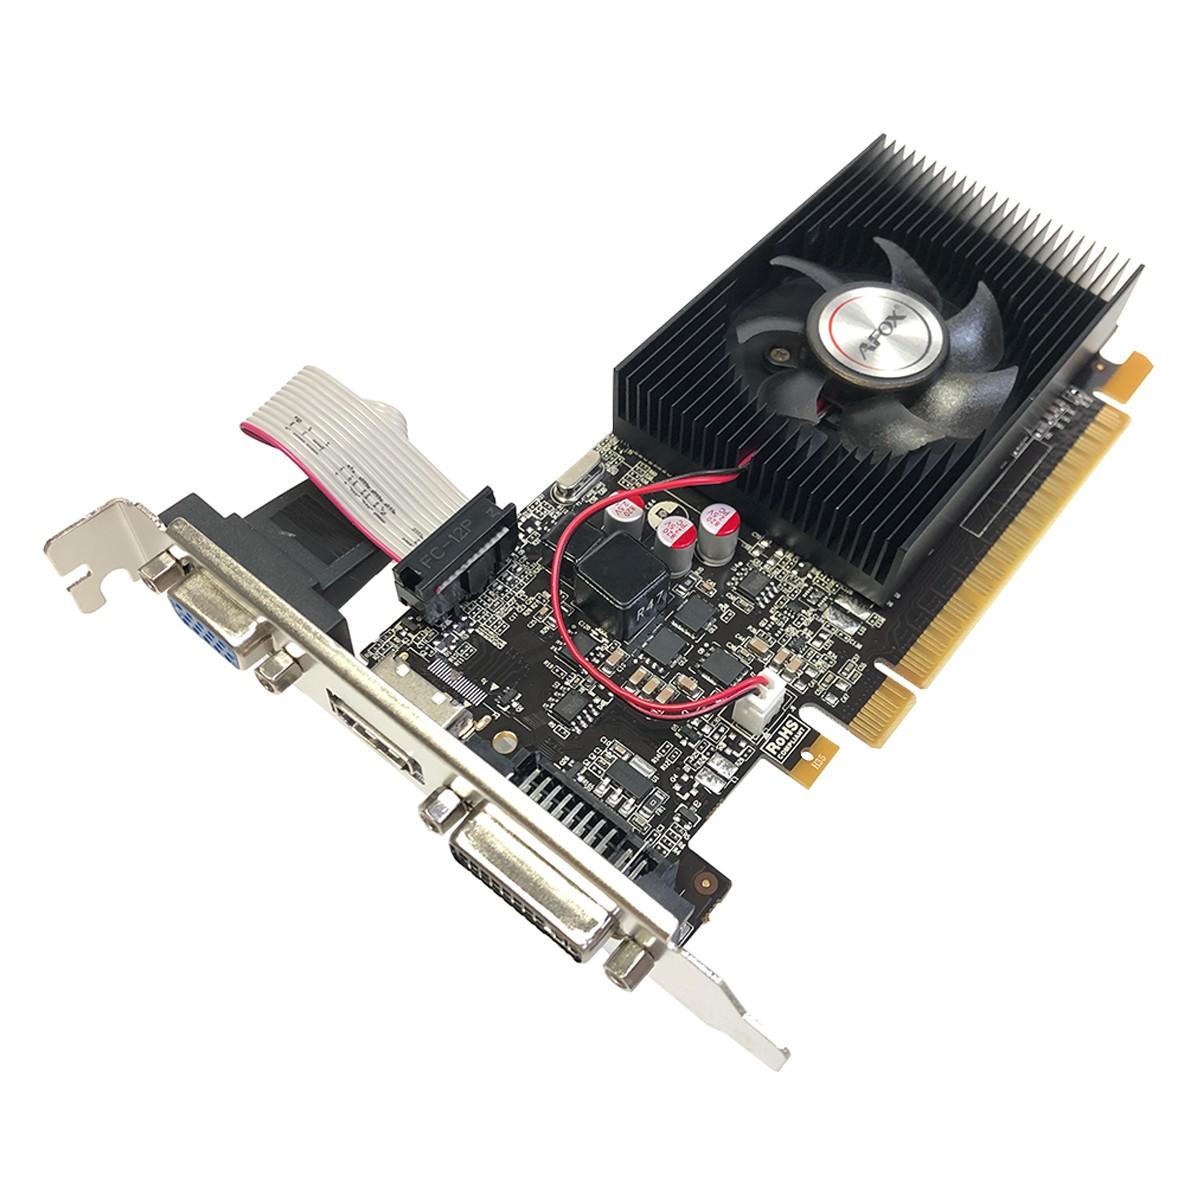 Placa de Vídeo Afox GeForce GT730 2GB, DDR3, 128 Bits, Low Profile, HDMI/DVI/VGA - AF730-2048D3L4-V1